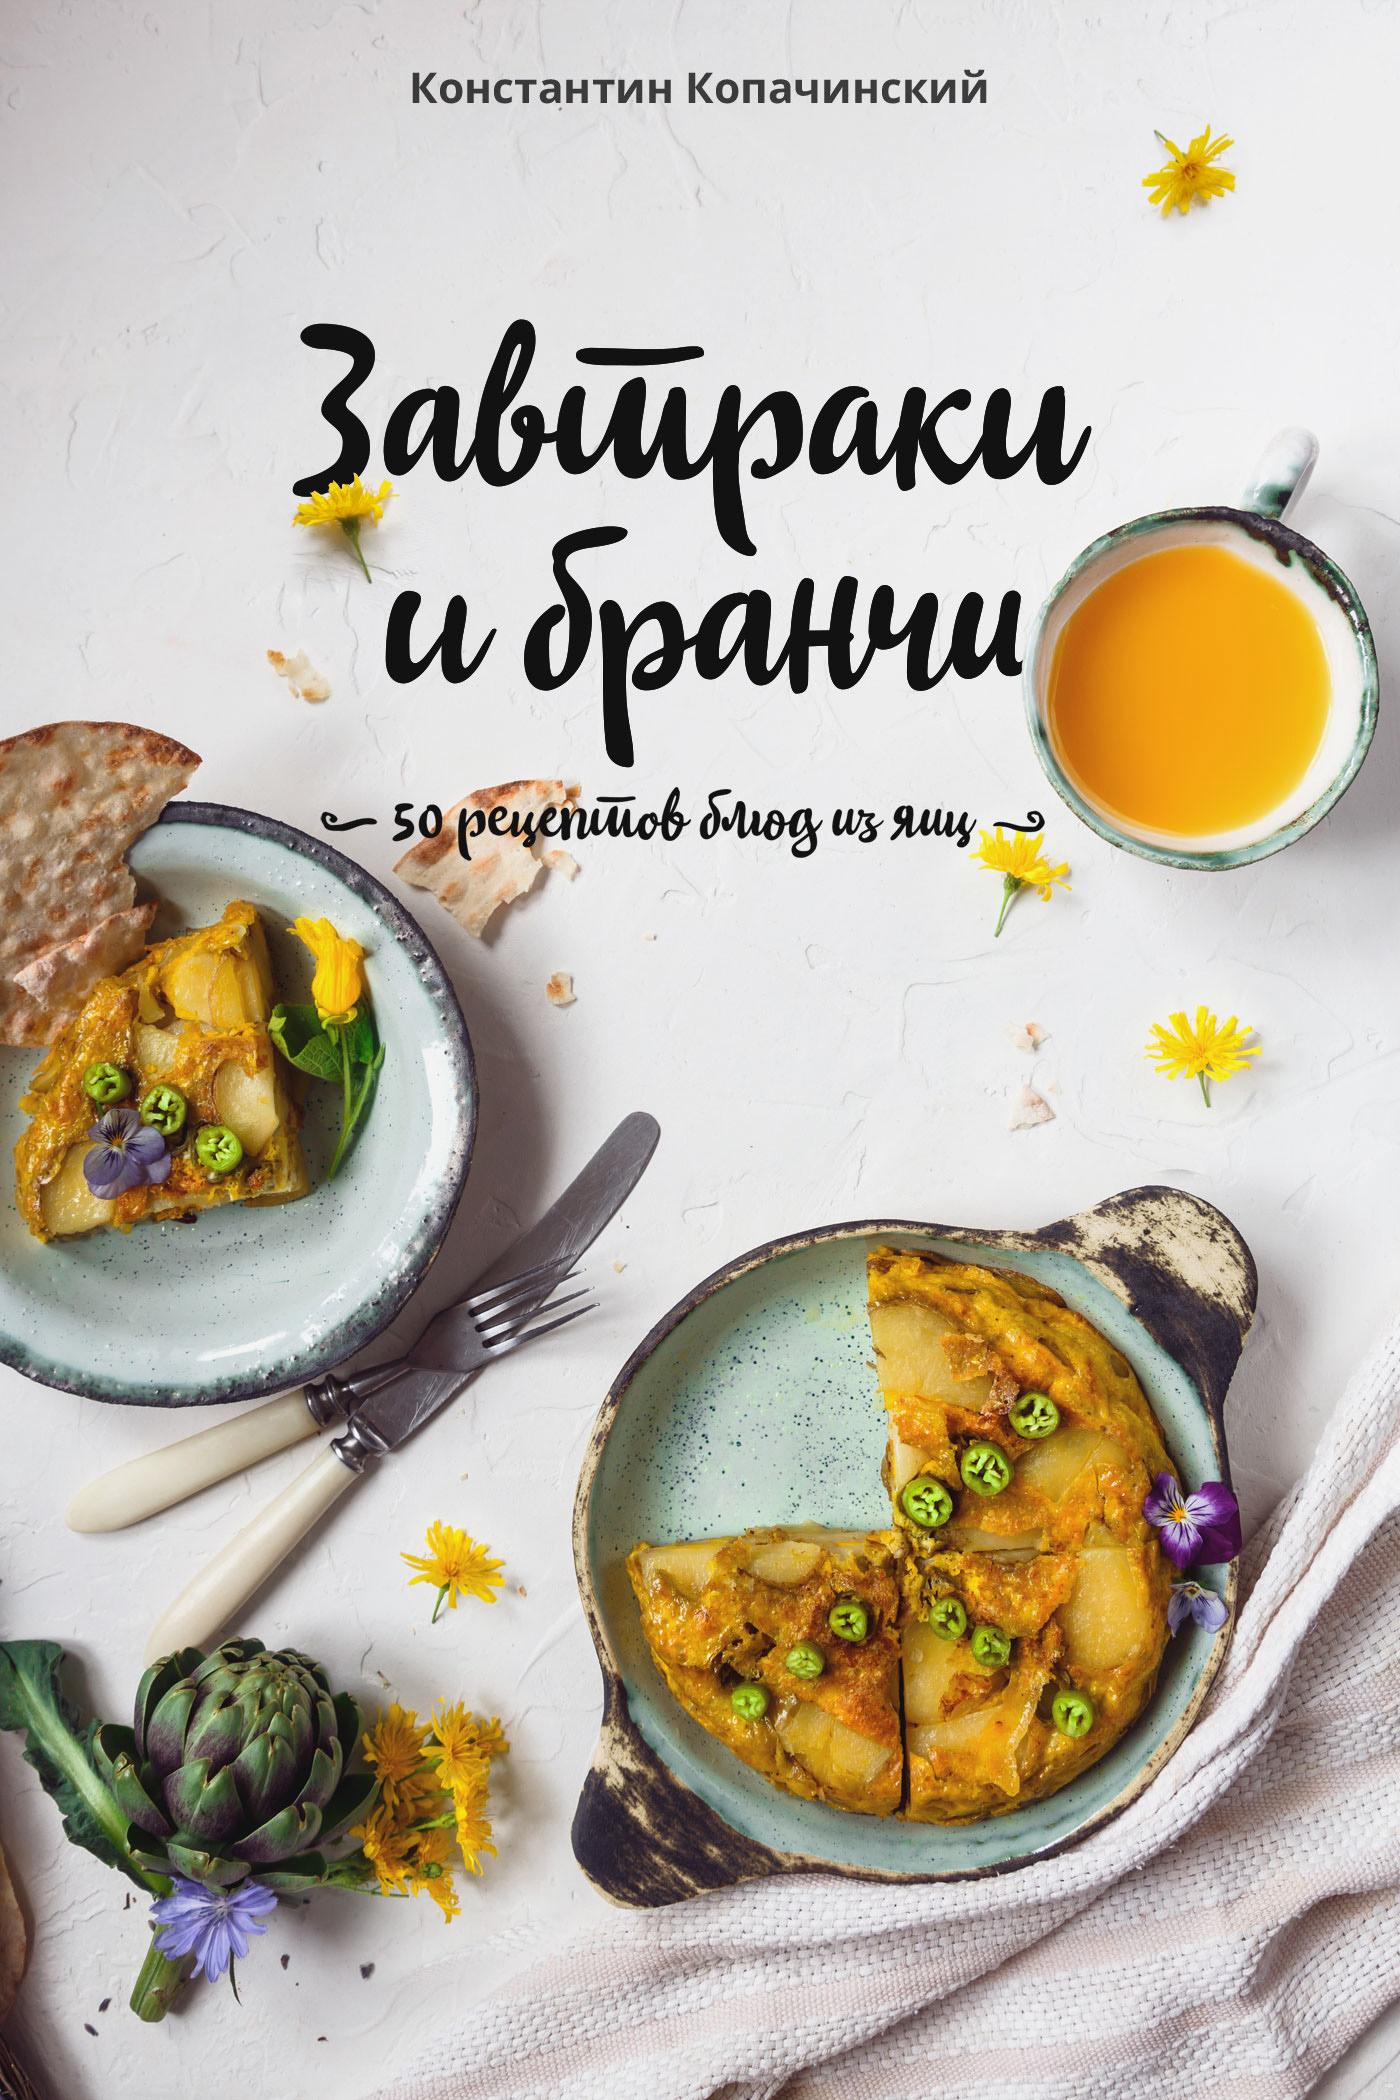 Завтраки и бранчи. 50 рецептов блюд из яиц